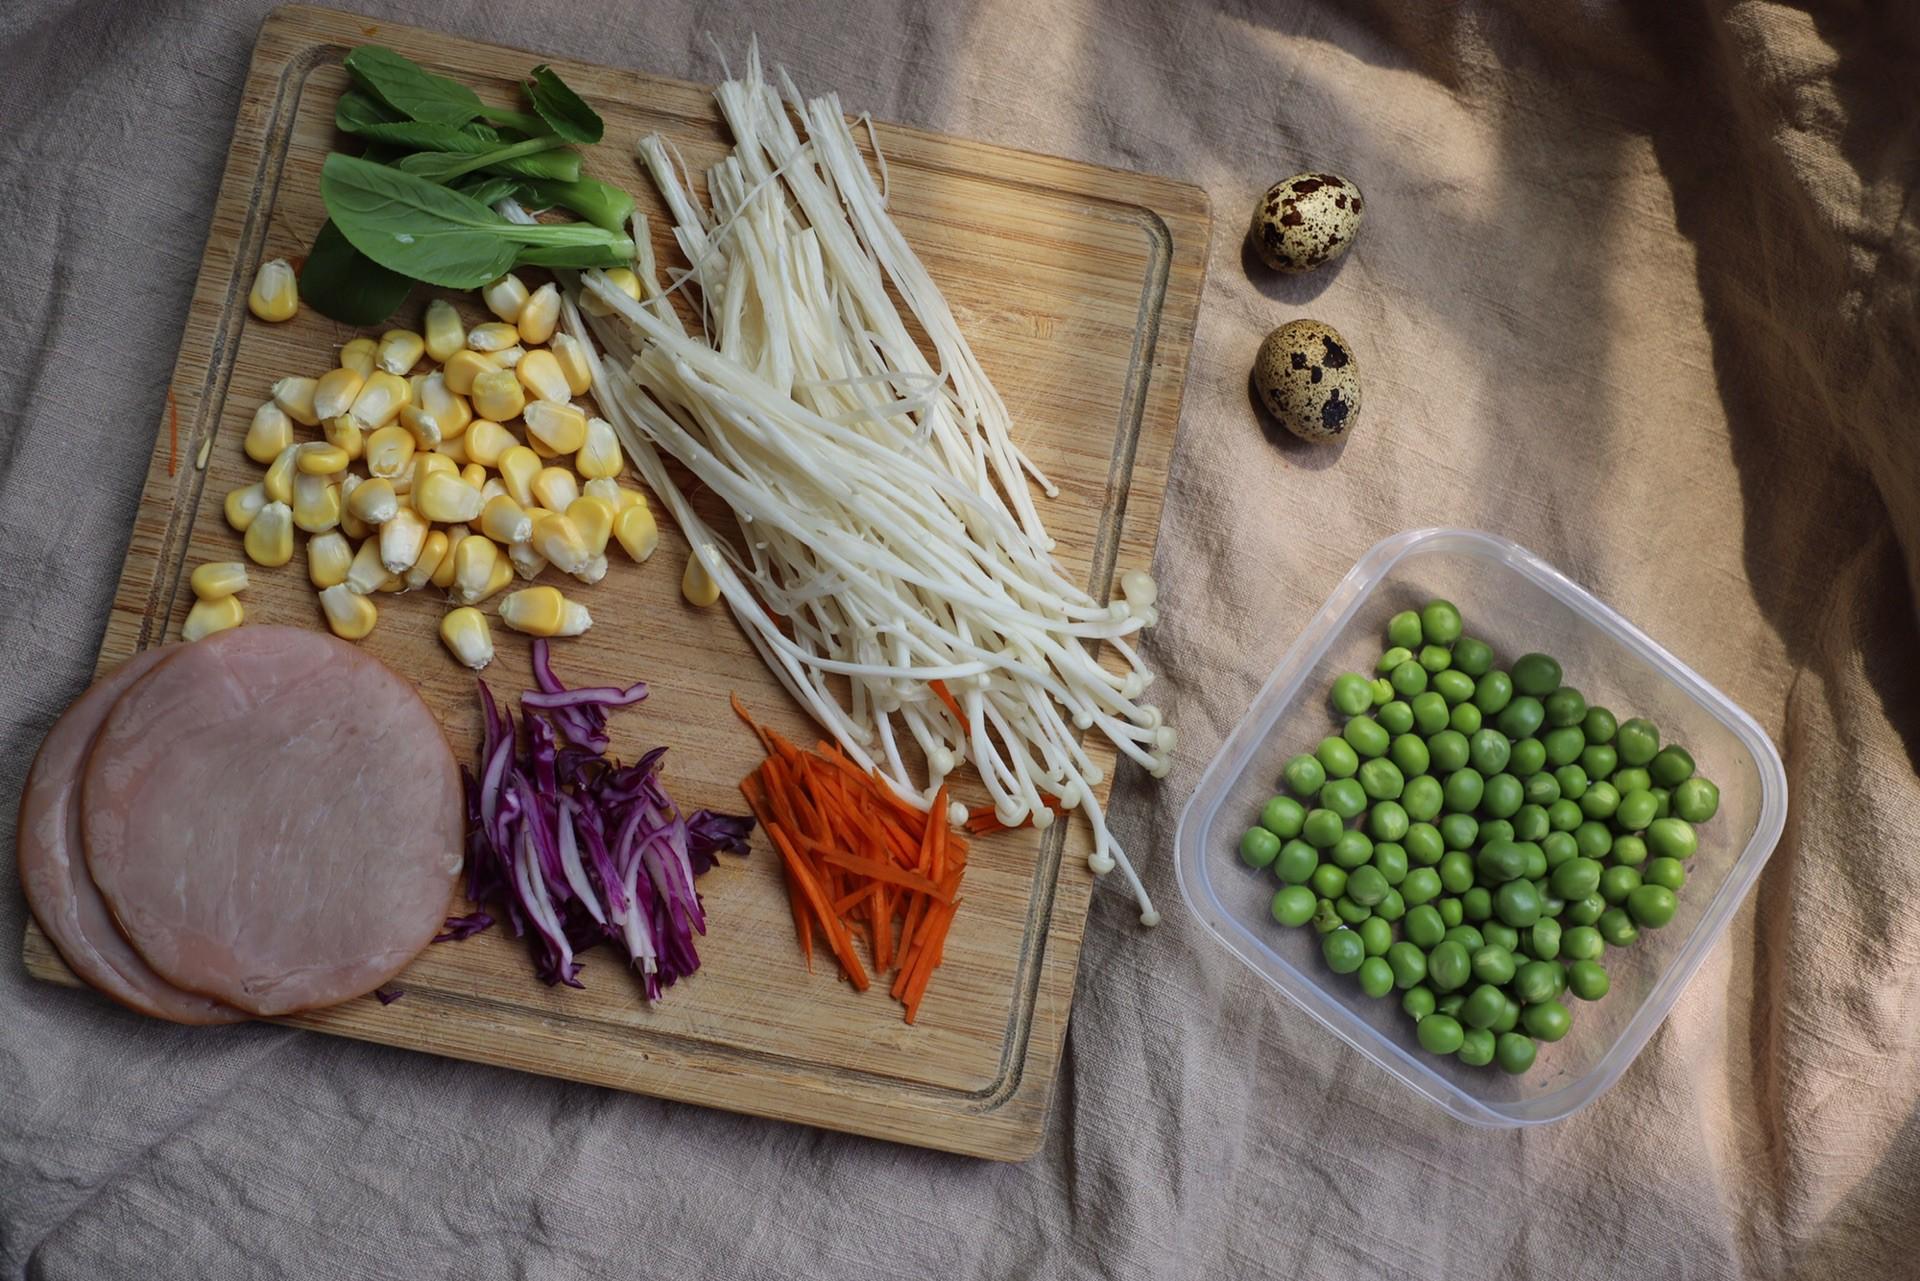 Thêm một cách làm món trứng chiên đảm bảo ngon và giàu dinh dưỡng hơn nhiều - Ảnh 1